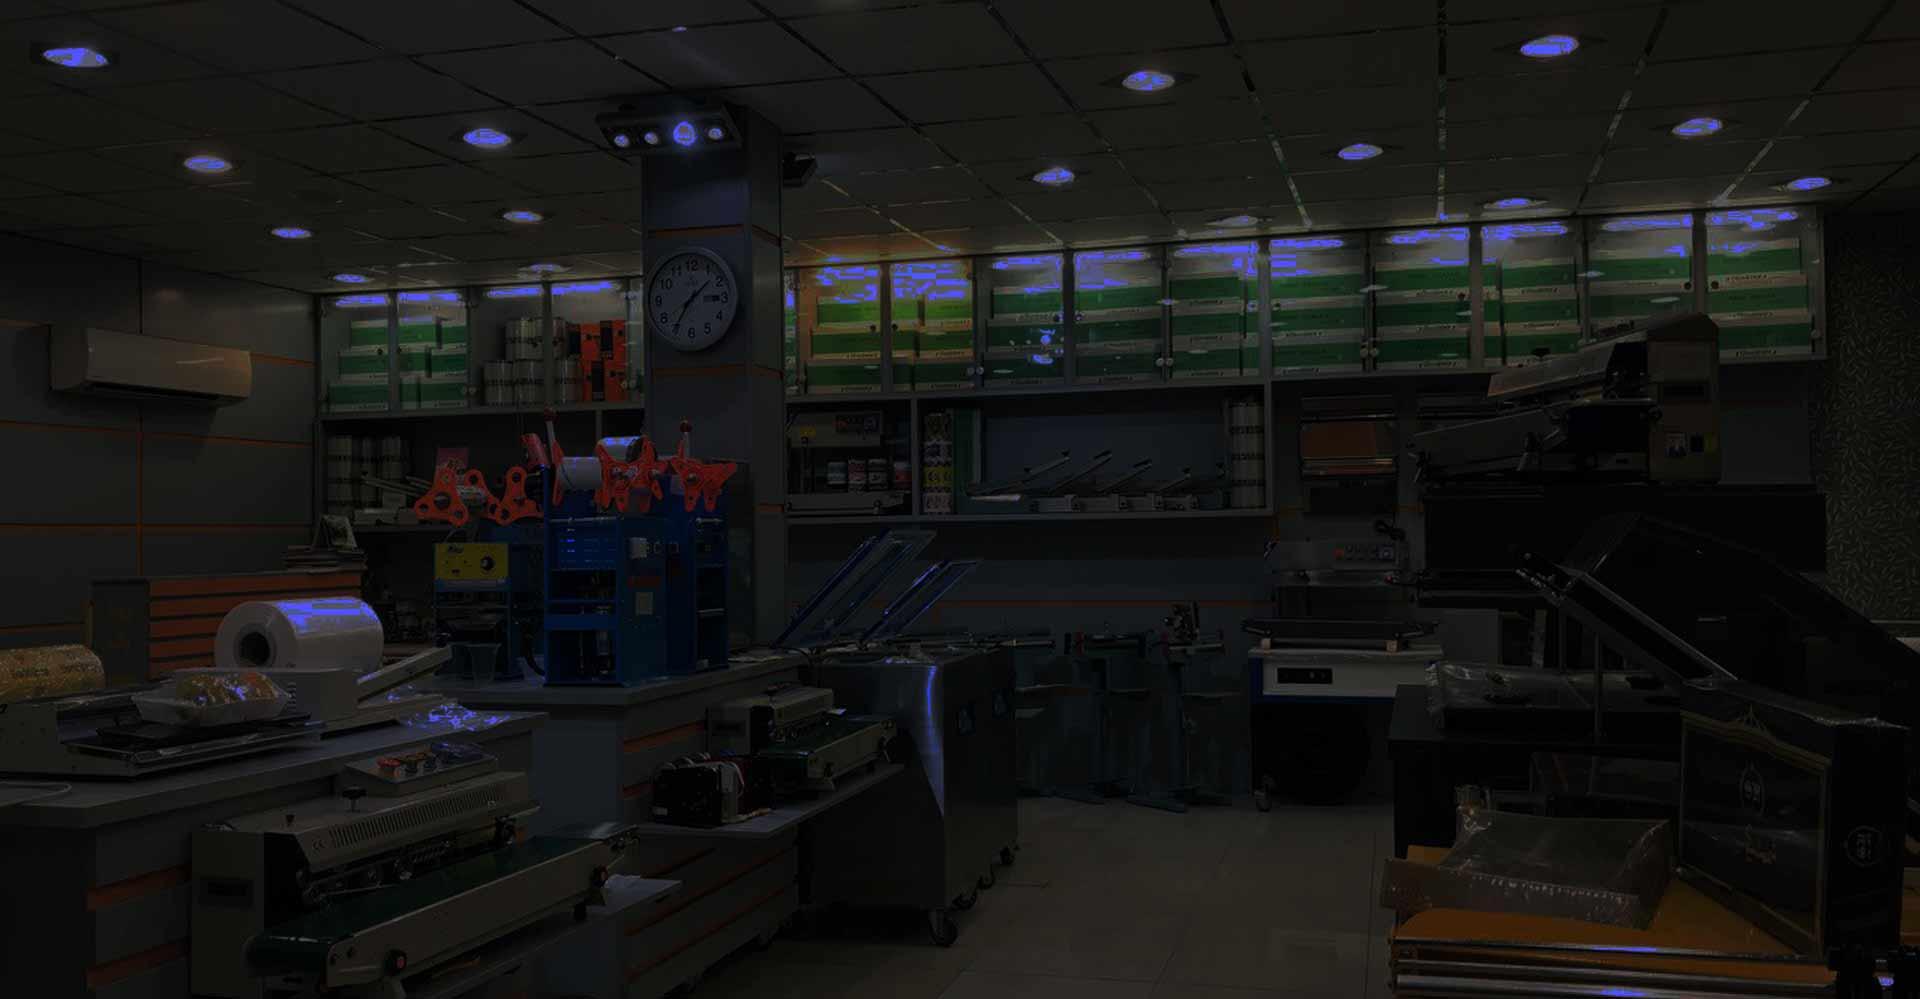 دستگاه بسته بندی - فروش دستگاه بسته بندی - قیمت دستگاه بسته بندی